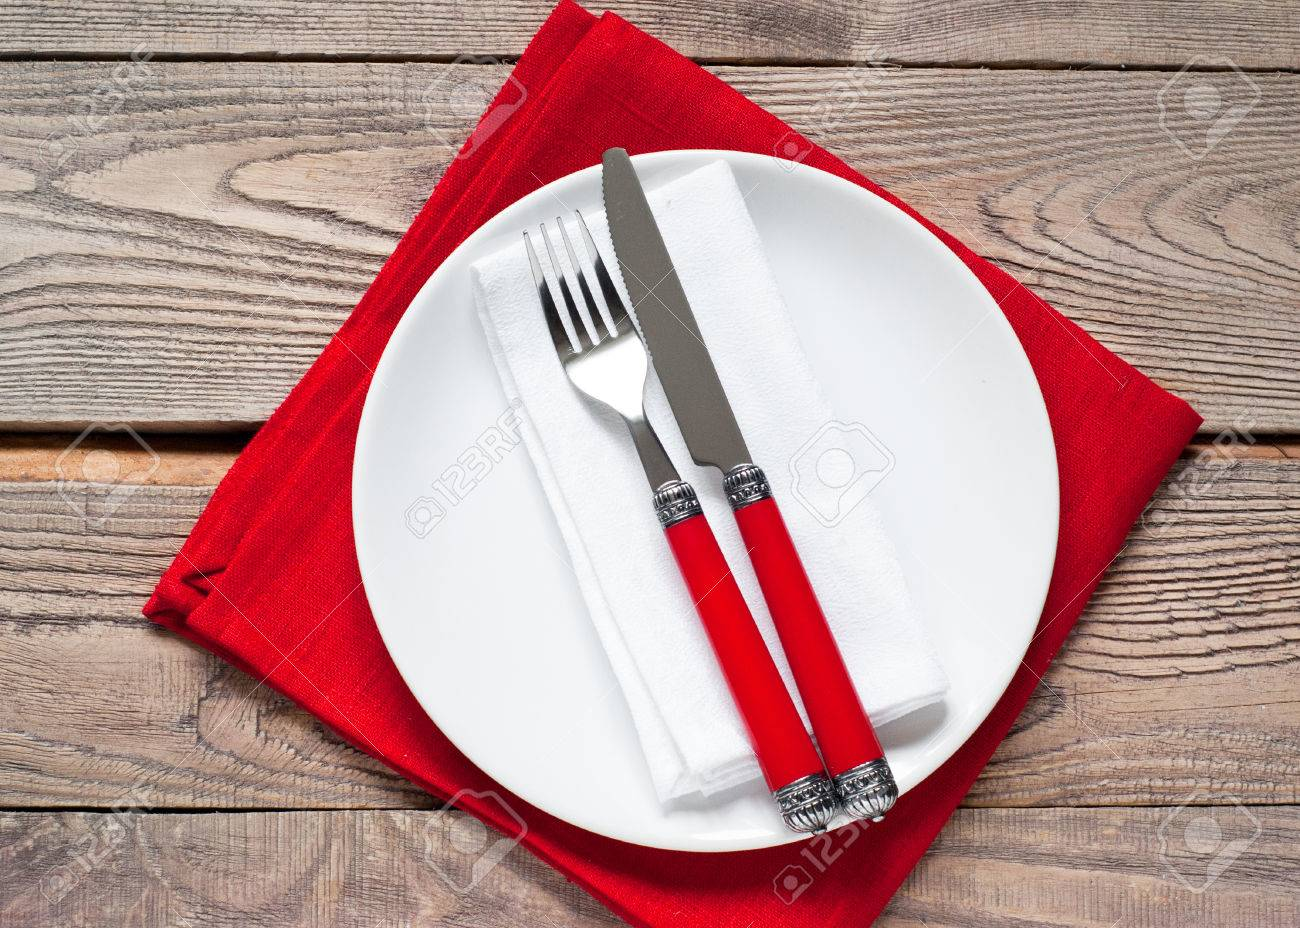 Tabelle Einstellung Mit Einem Teller, Besteck Und Serviette In Roten ...